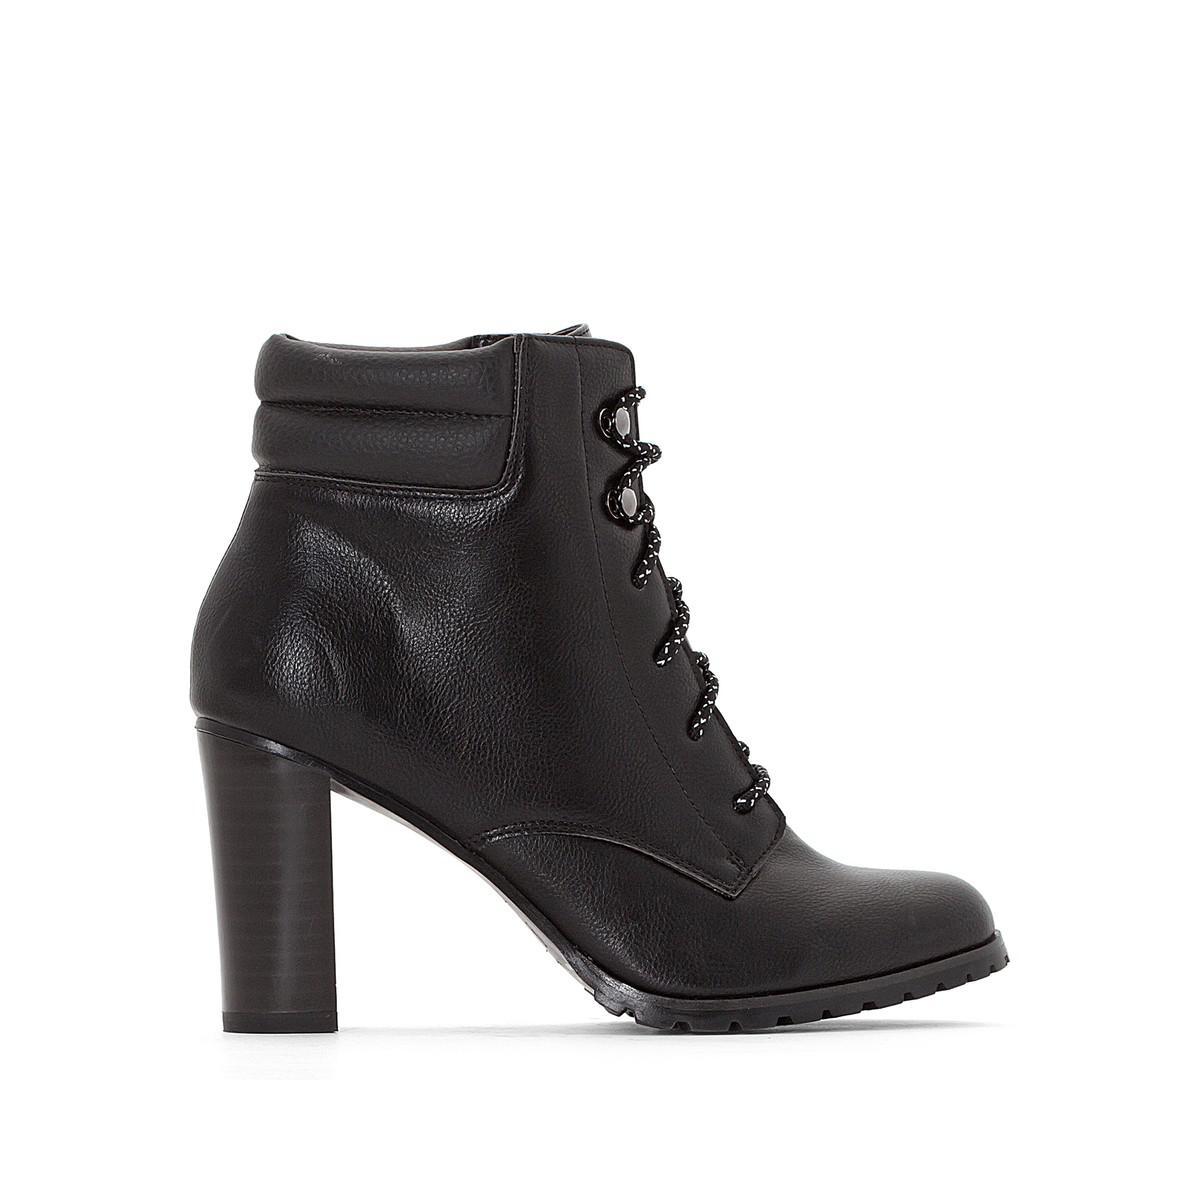 lyst la redoute boots esprit montagne talon haut in black. Black Bedroom Furniture Sets. Home Design Ideas